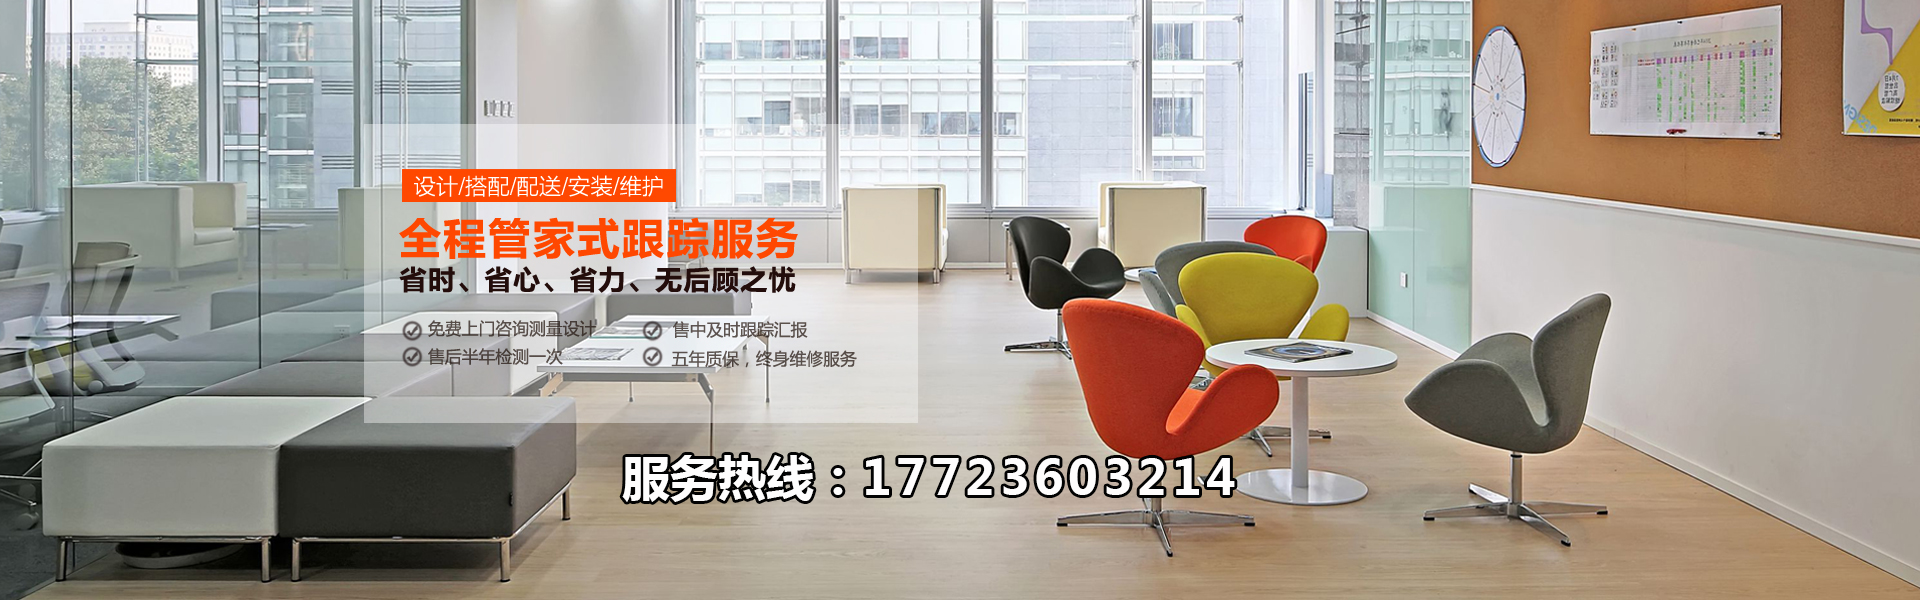 重庆办公家具厂-晟宏全程关键词式跟踪服务,省时省心,省力无后顾之忧